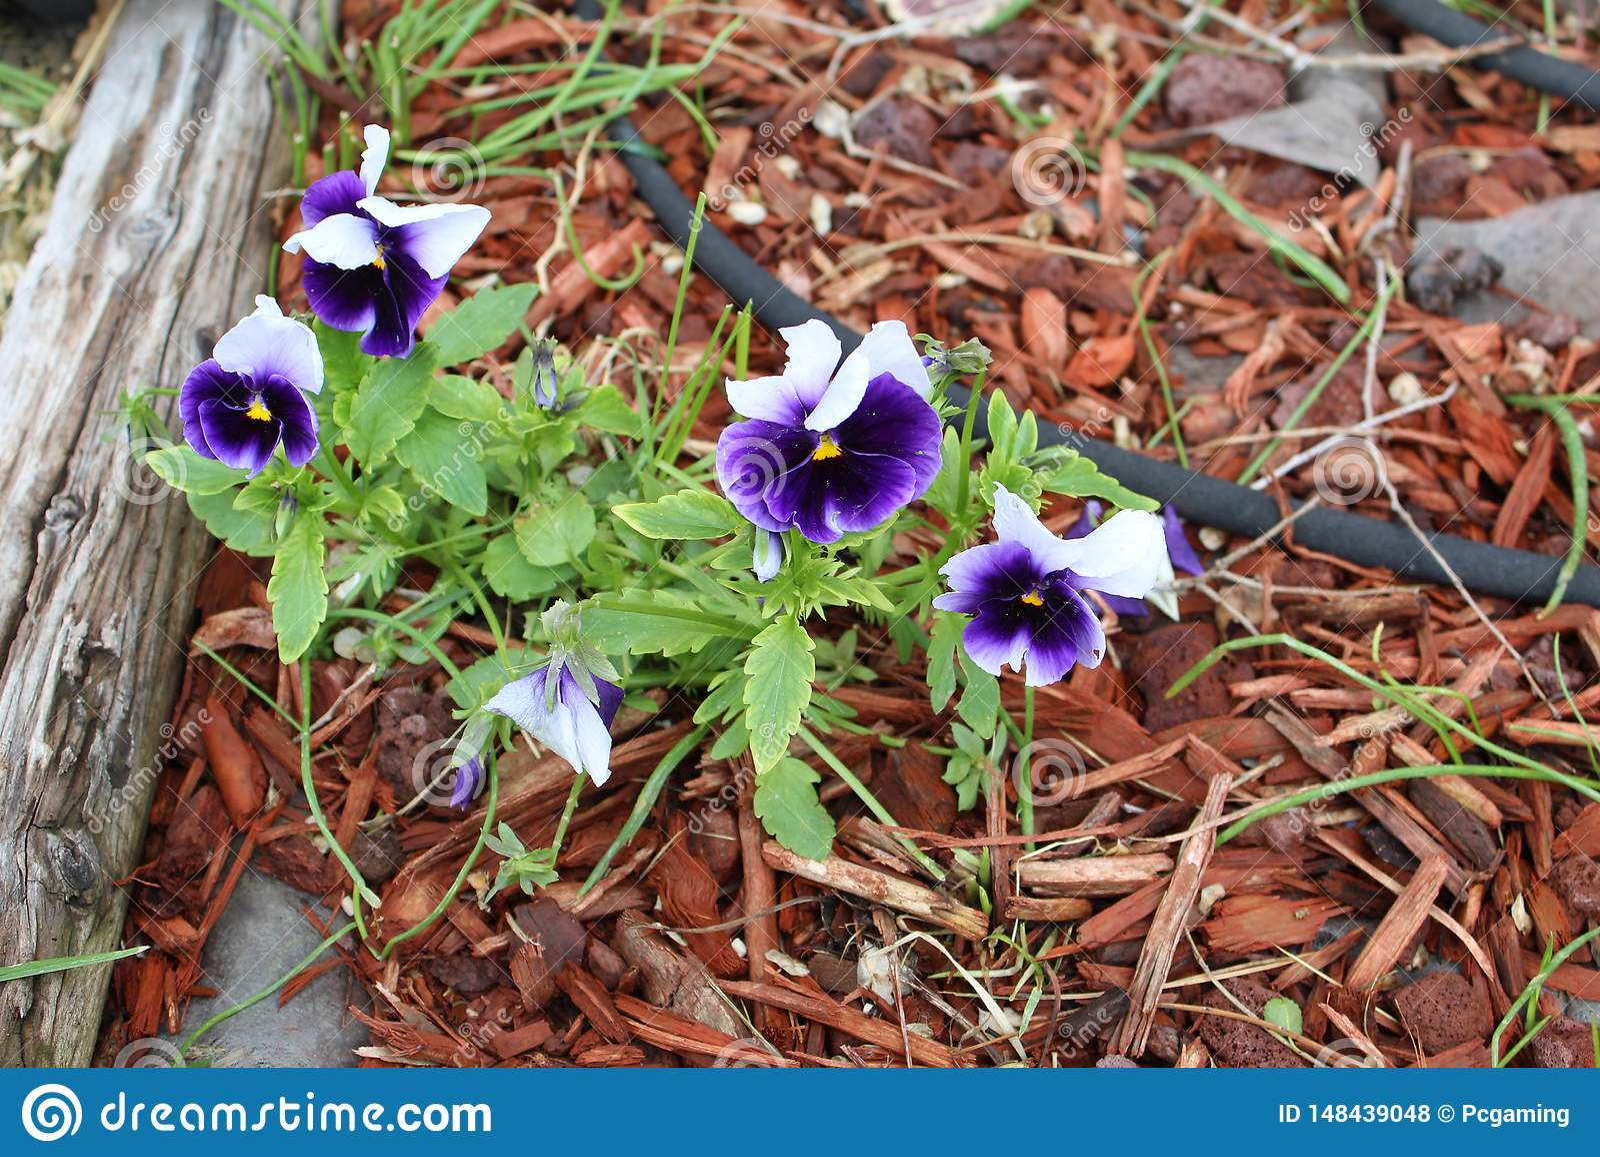 Dark purple and white  flowers